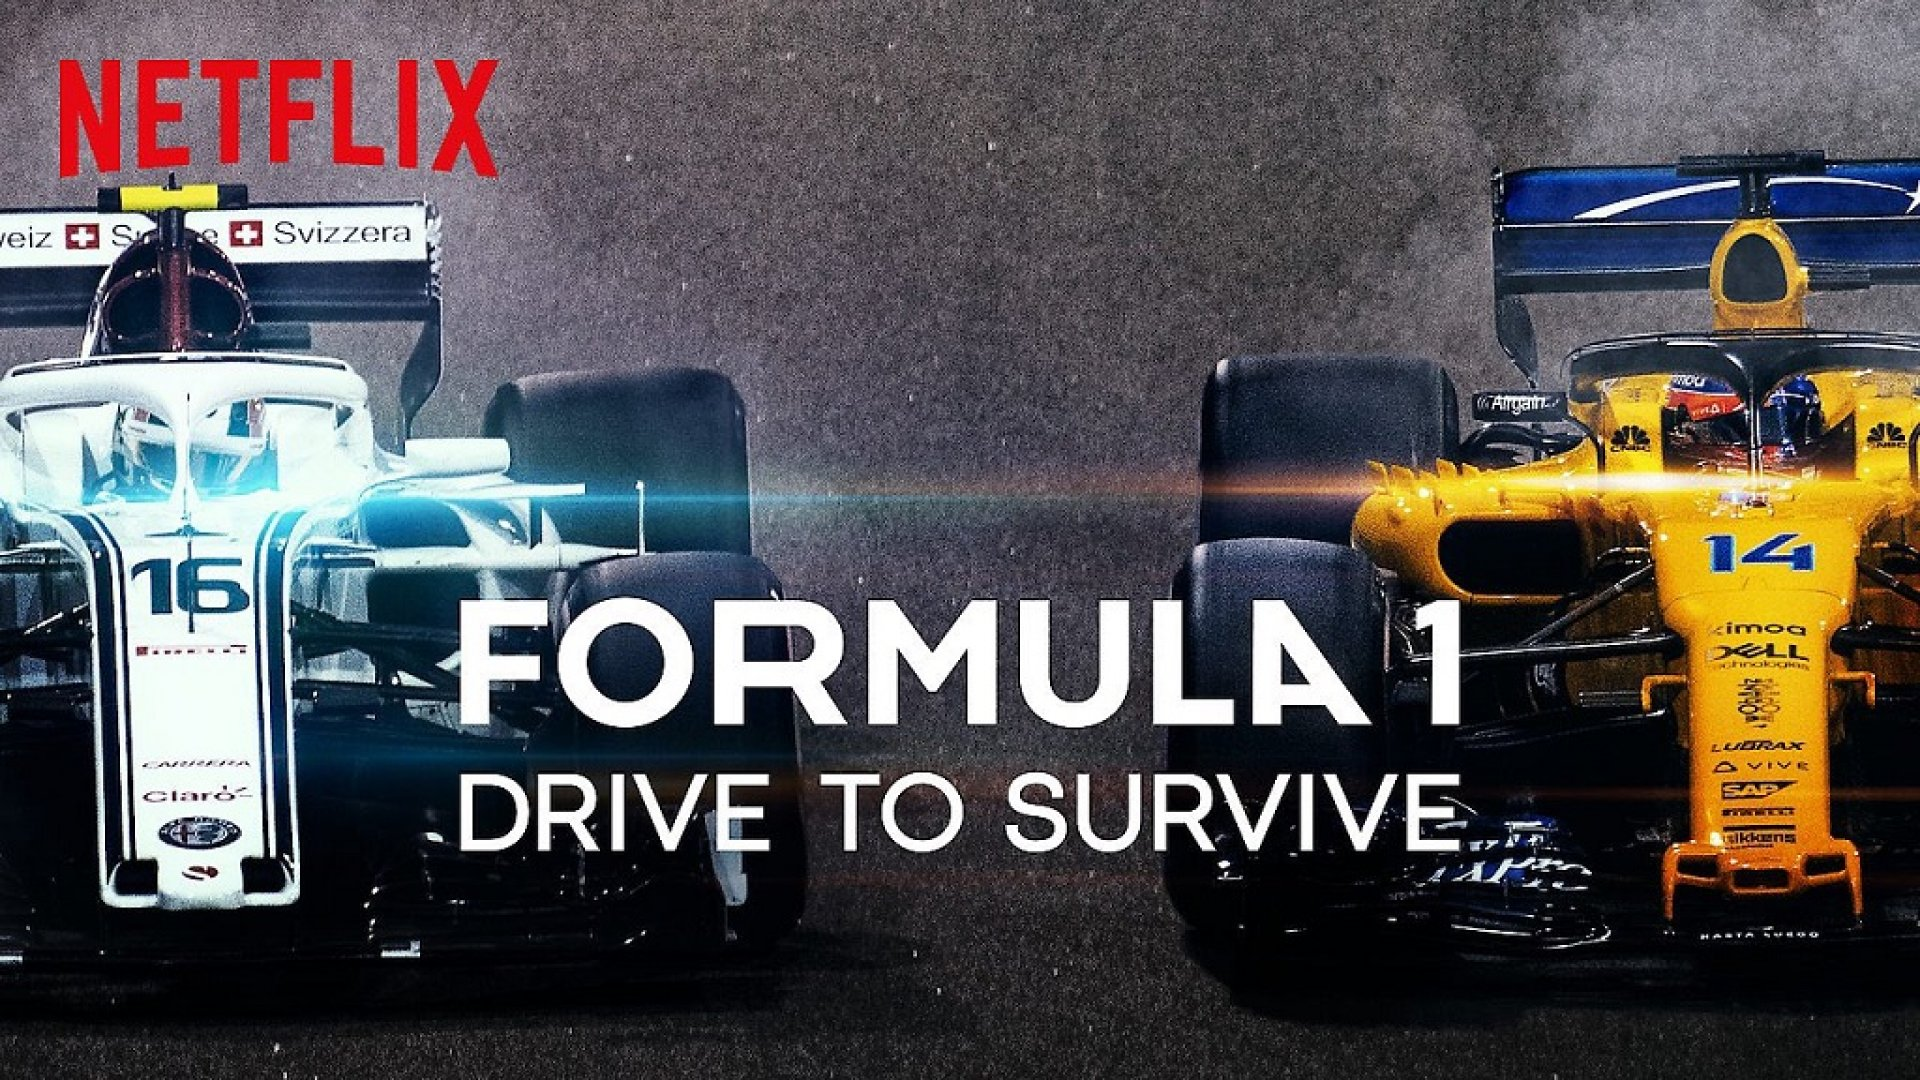 Película de carros, fórmula 1